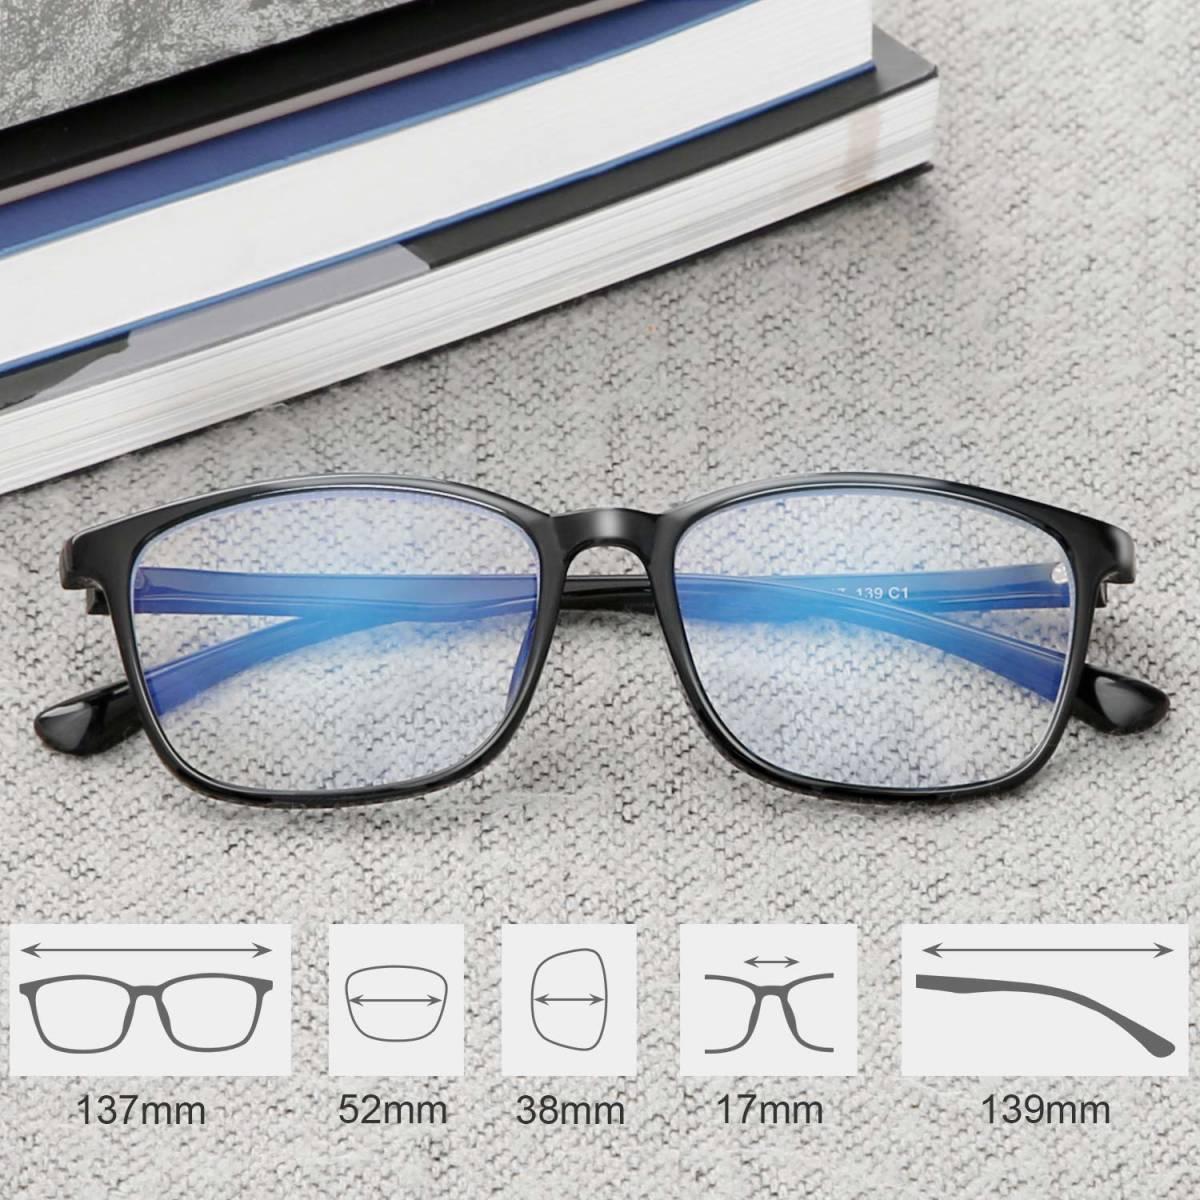 新品●Jawwei 伊達メガネ おしゃれ ブルーライトカット pcメガネ TR90 超軽量 だて 眼鏡 ファッション メガネ uv 紫外線99%カット Y6838_画像5